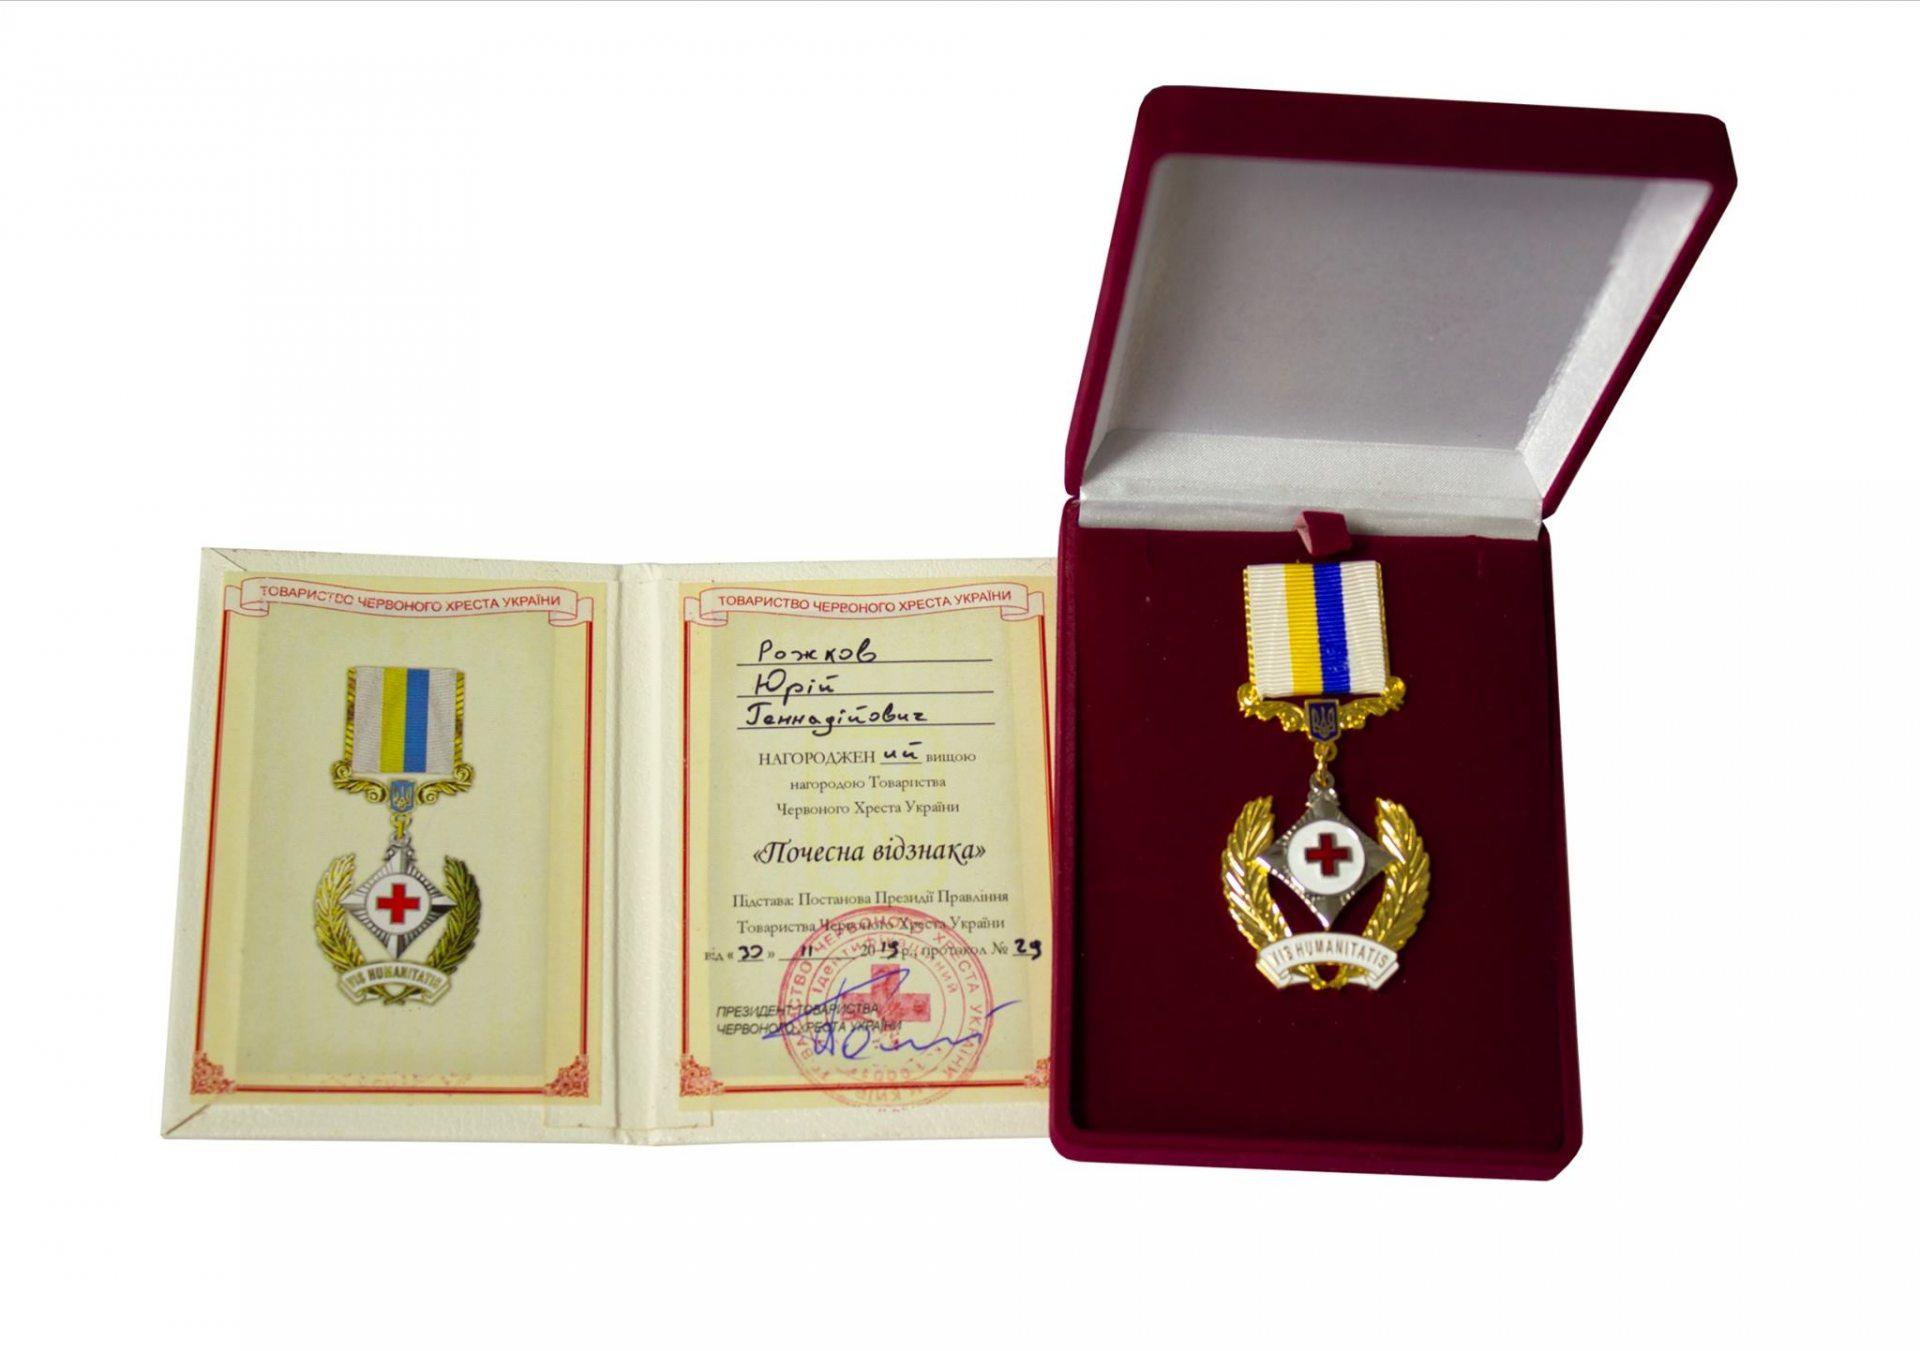 Херсонського благодійника нагородили відзнакою Червоного Хреста України